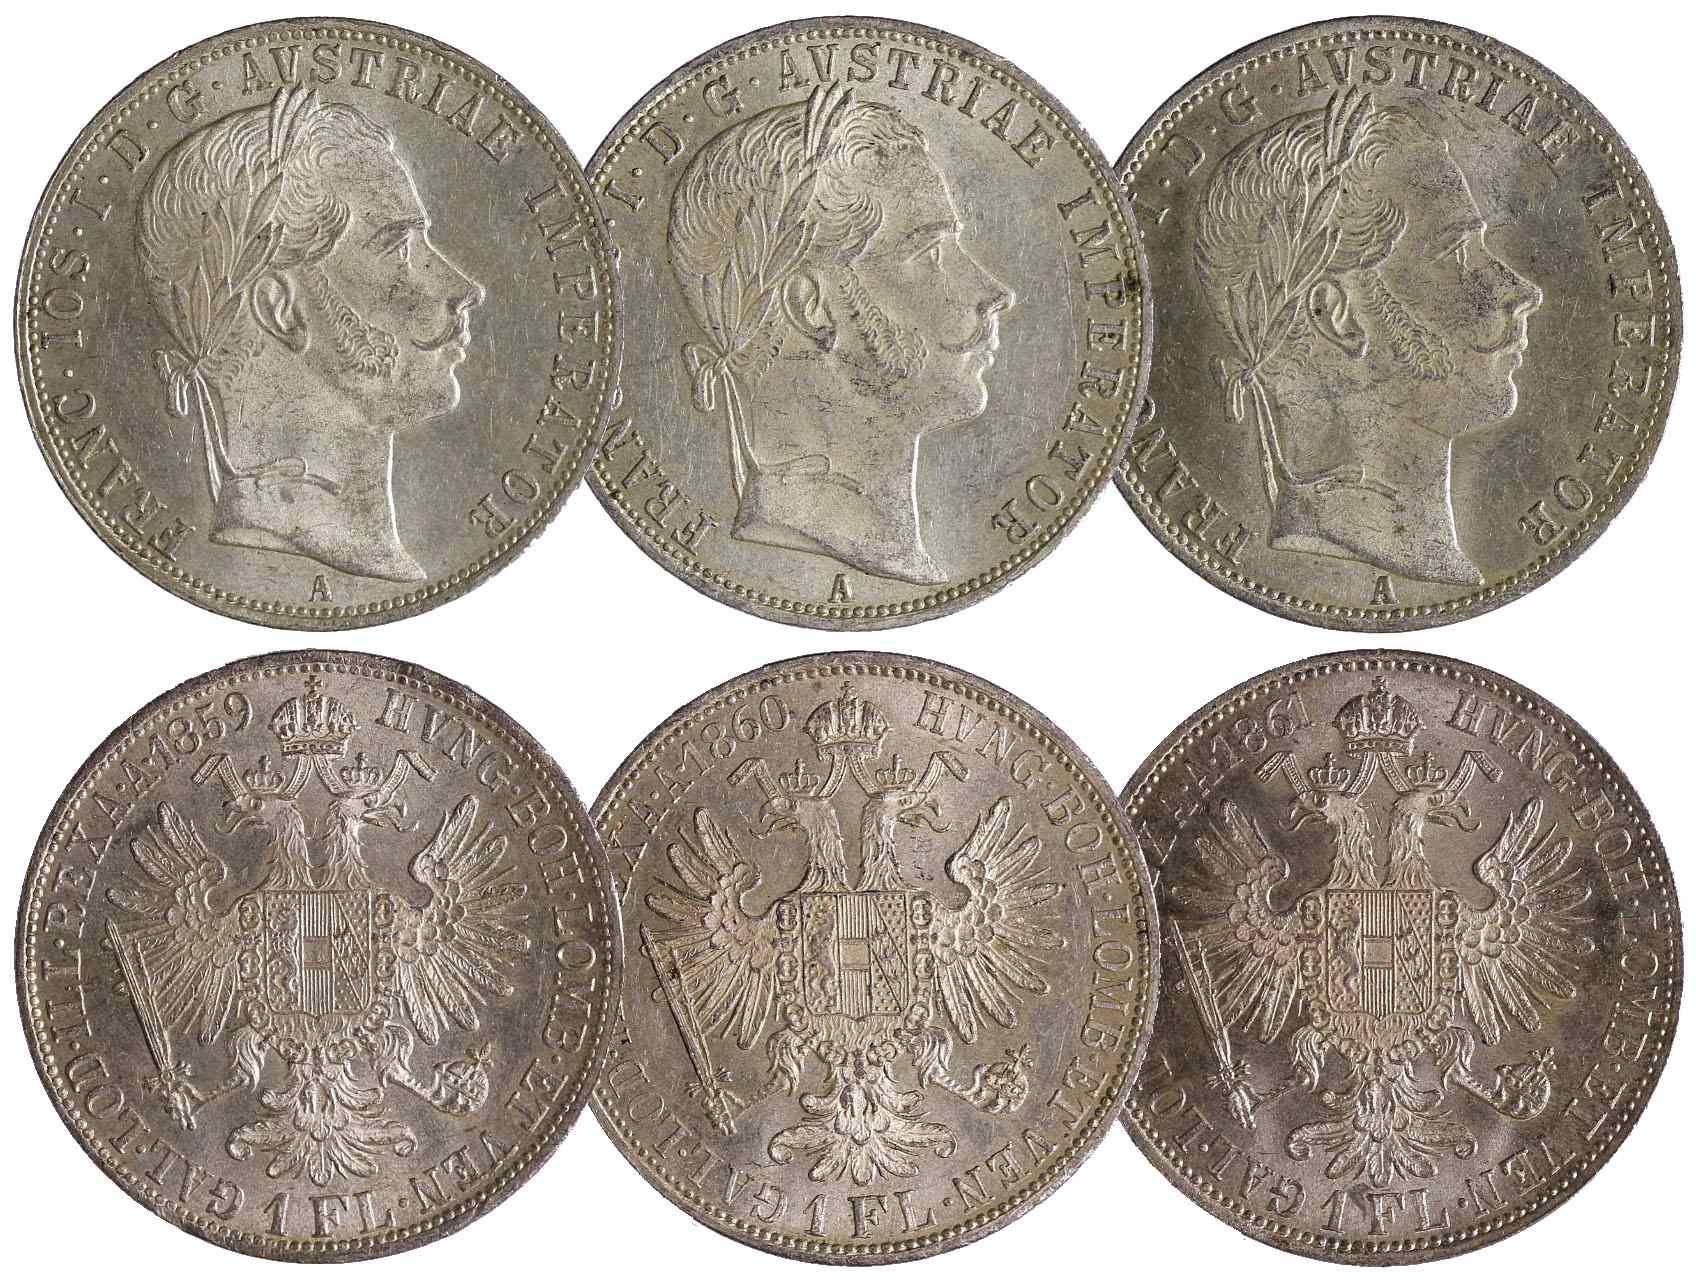 František Josef I. 1848-1916 - 1 Zlatník 1859 A, 1860 A a 1861 A, celkem 3 ks., N39